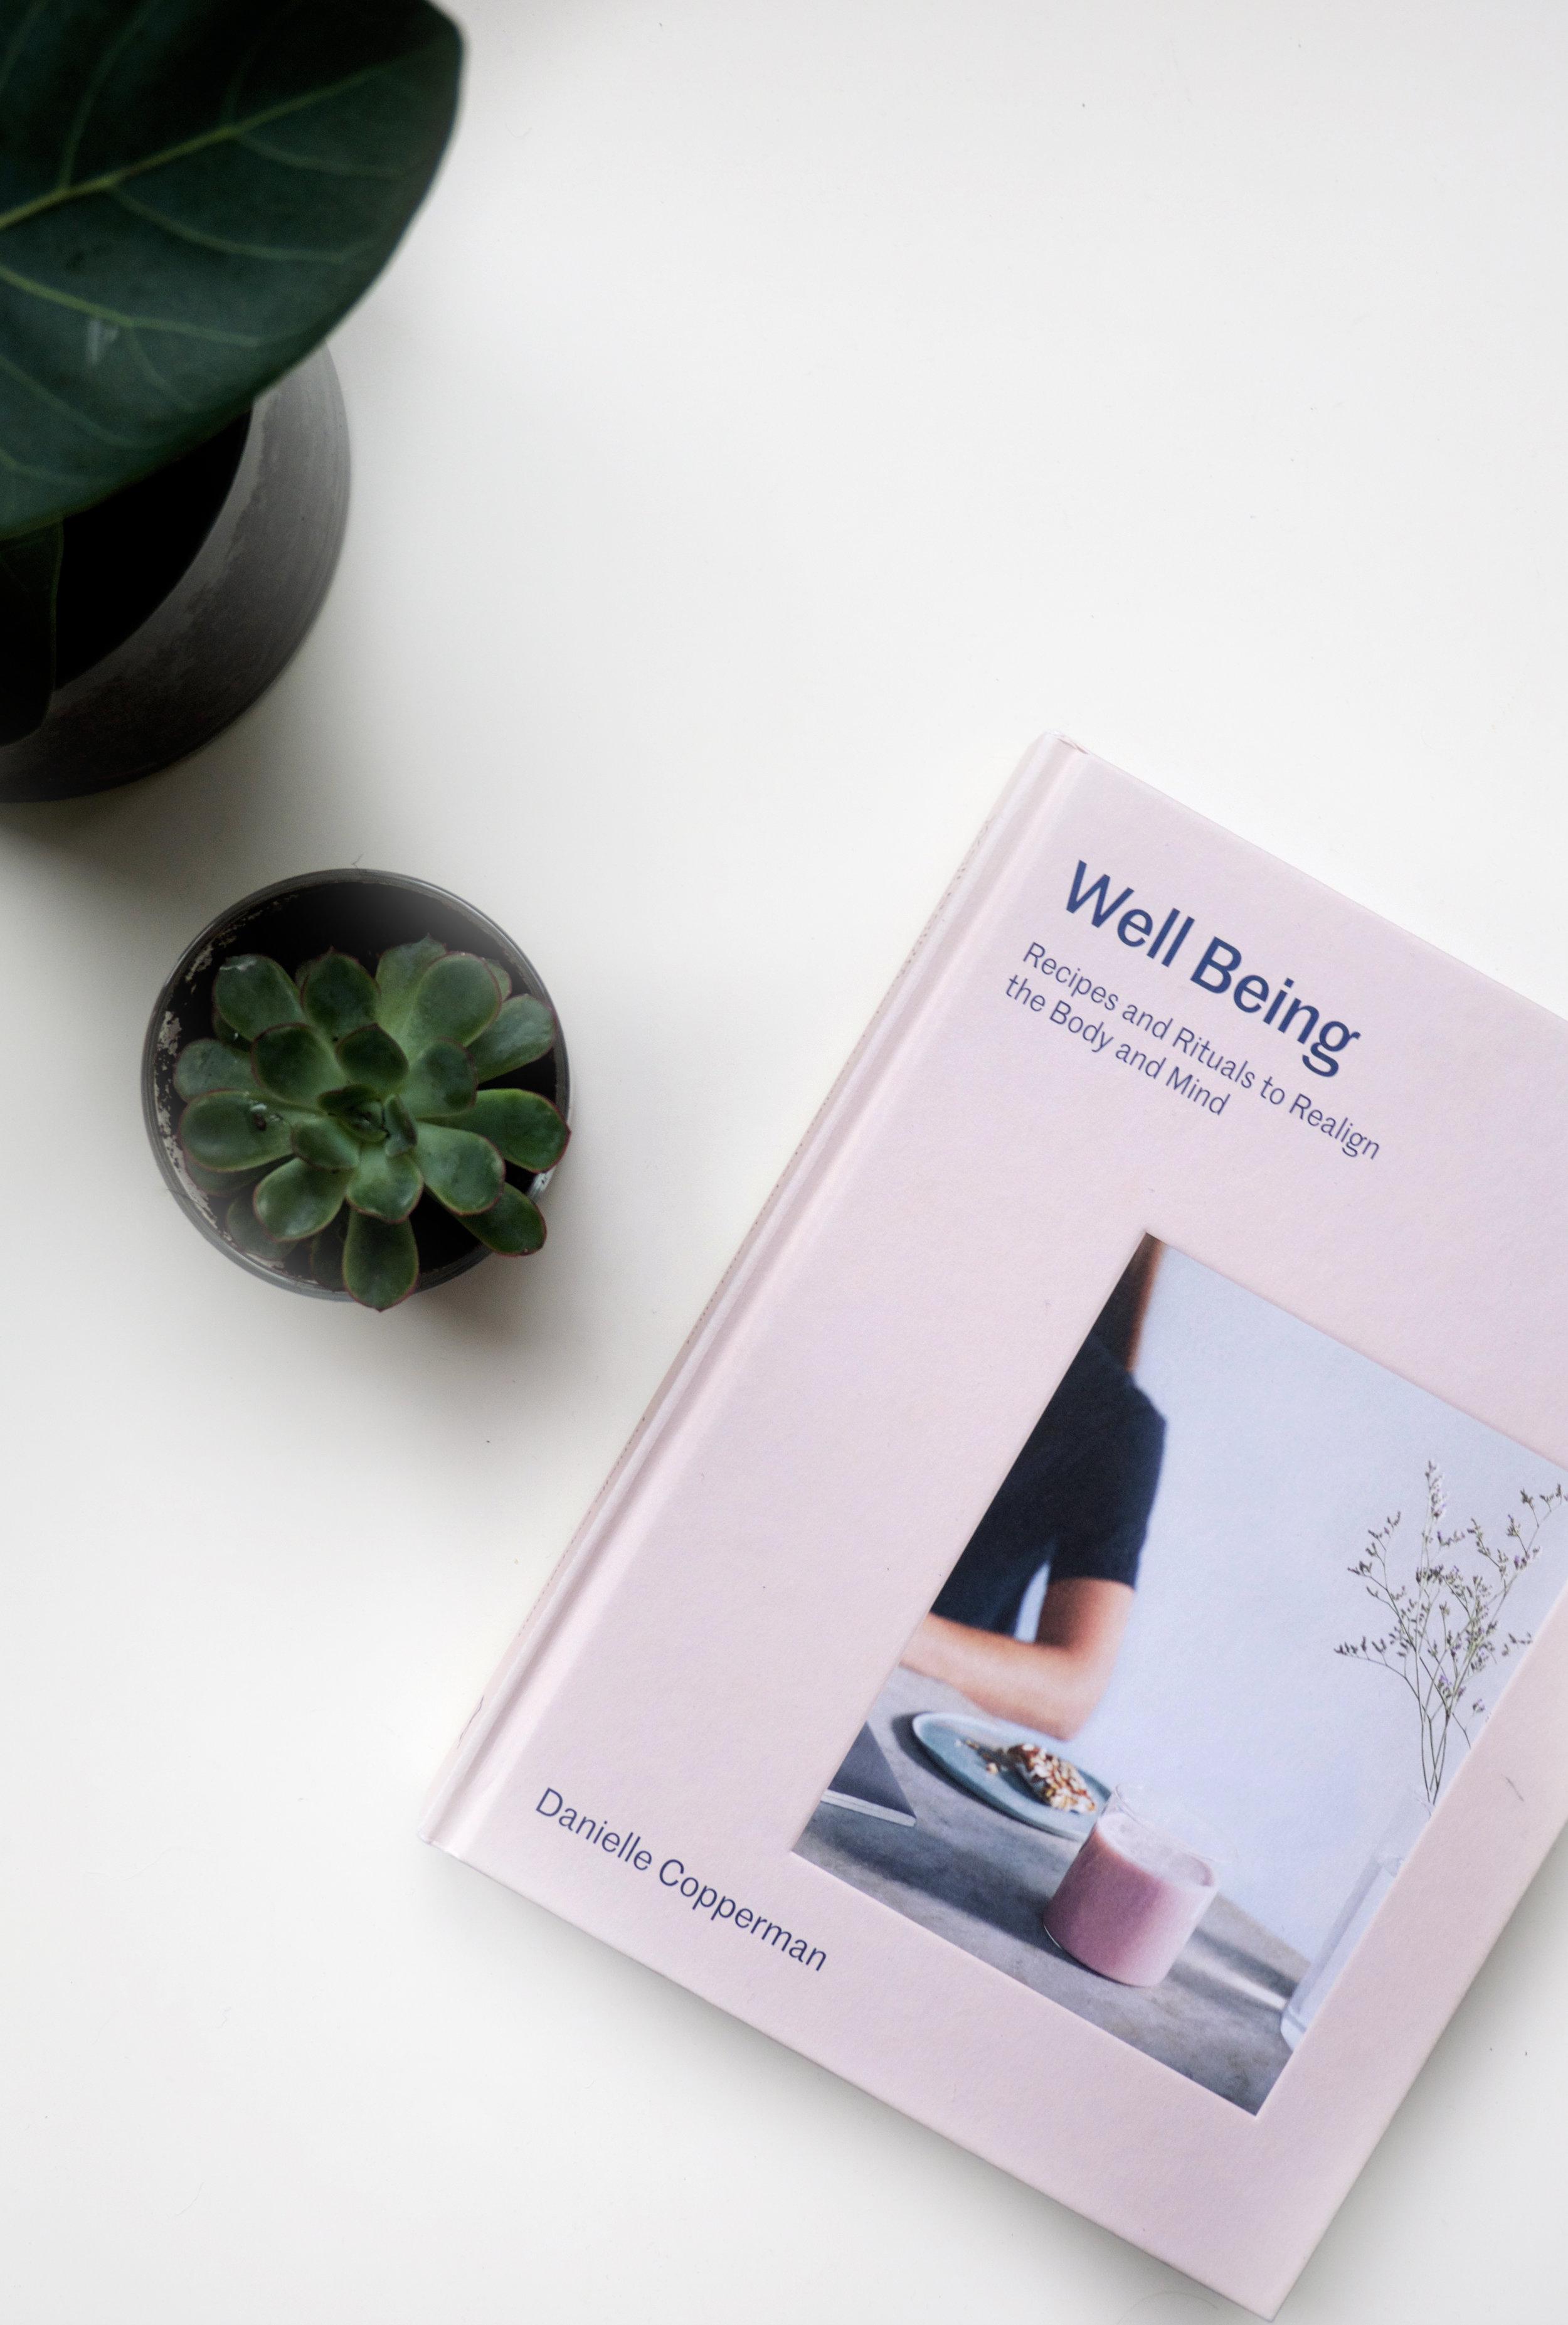 wellbeingbookplant.jpg